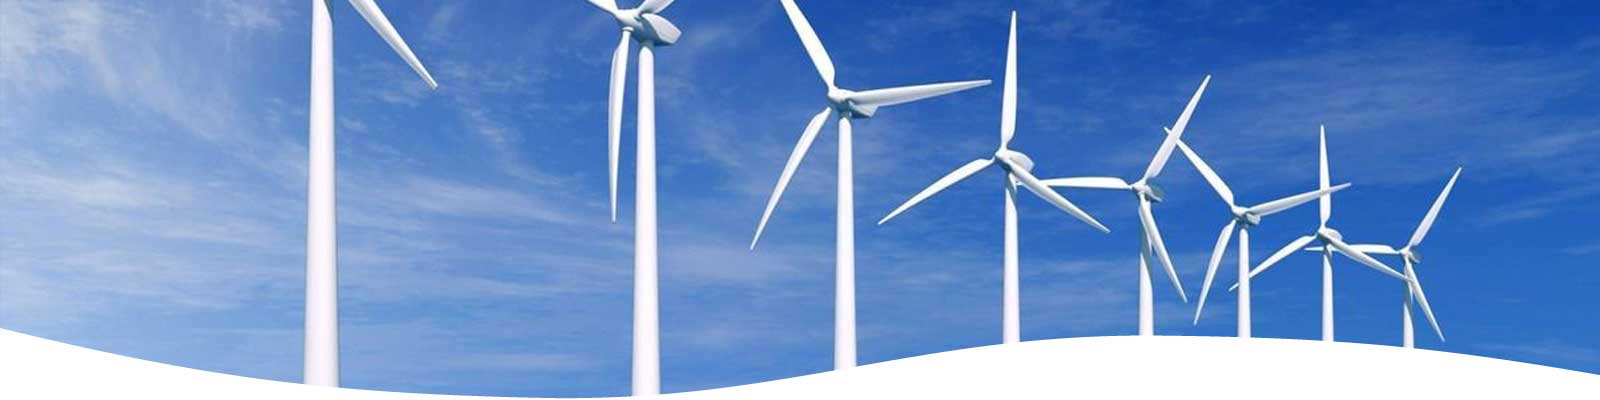 Auditoría Energética. OmEnergía Asesoría Energética